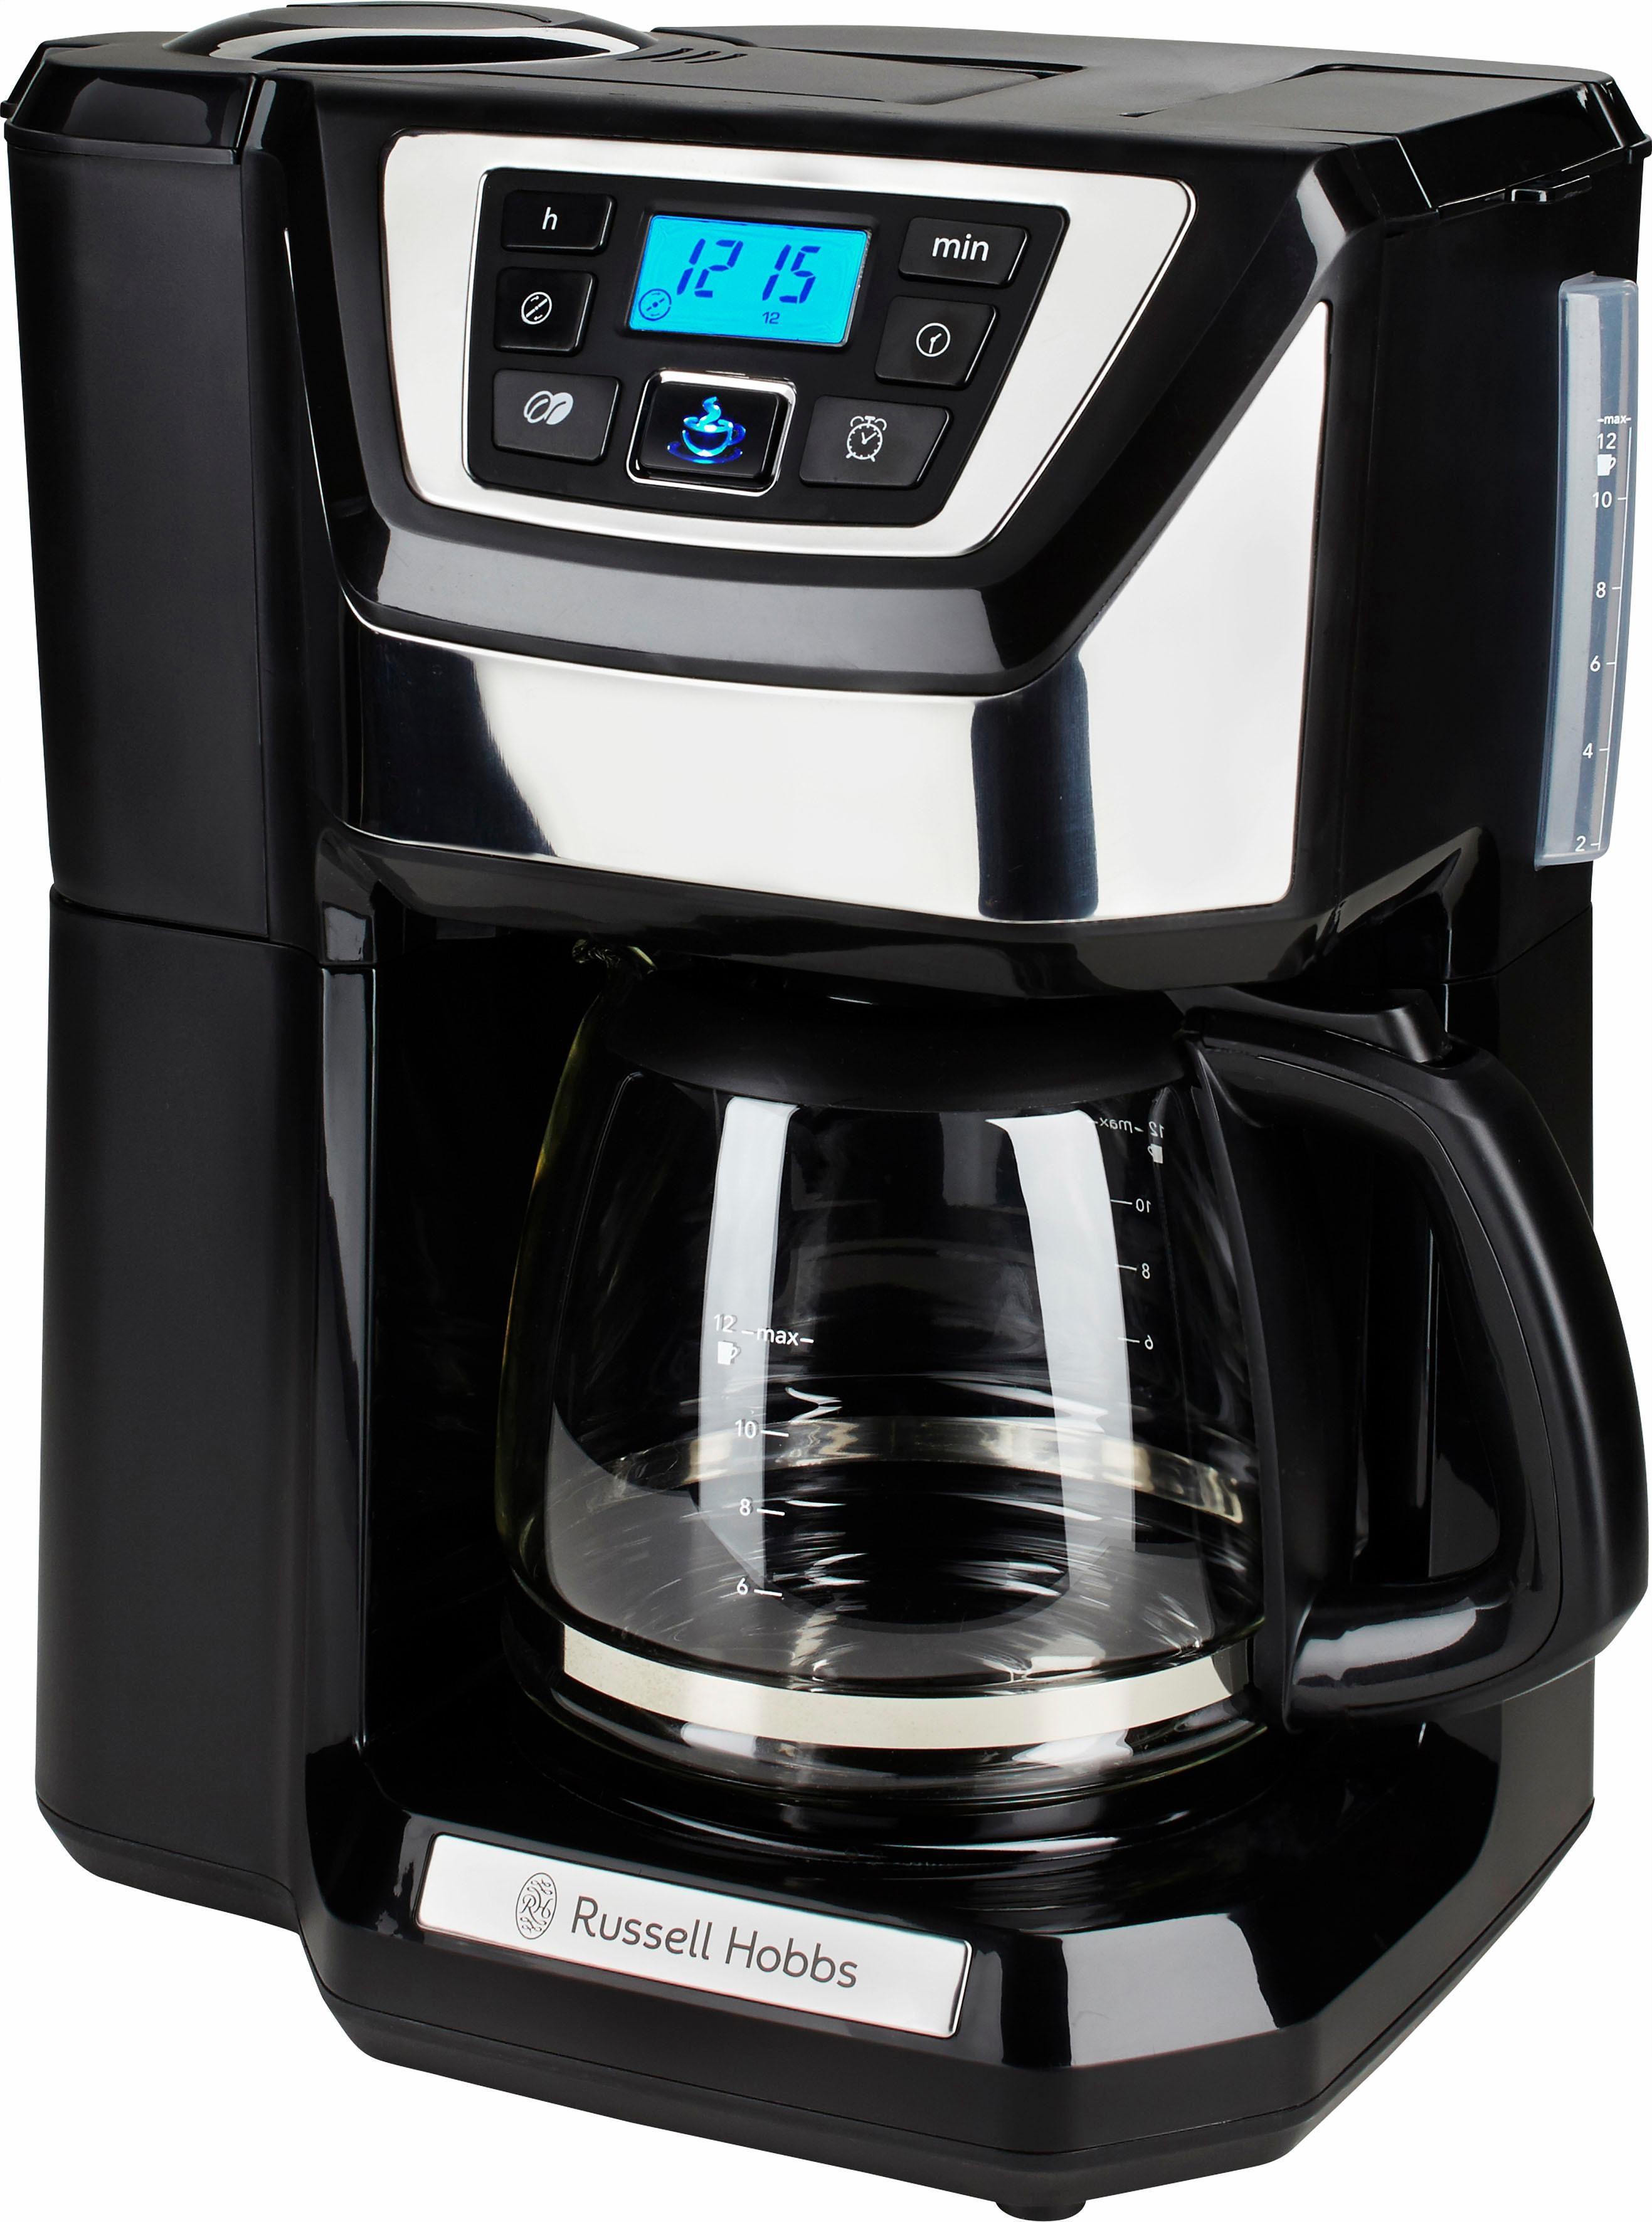 Russell Hobbs Digitale Glas-Kaffeemaschine Chester 22000-56 mit Mahlwerk, für 1,5 Liter